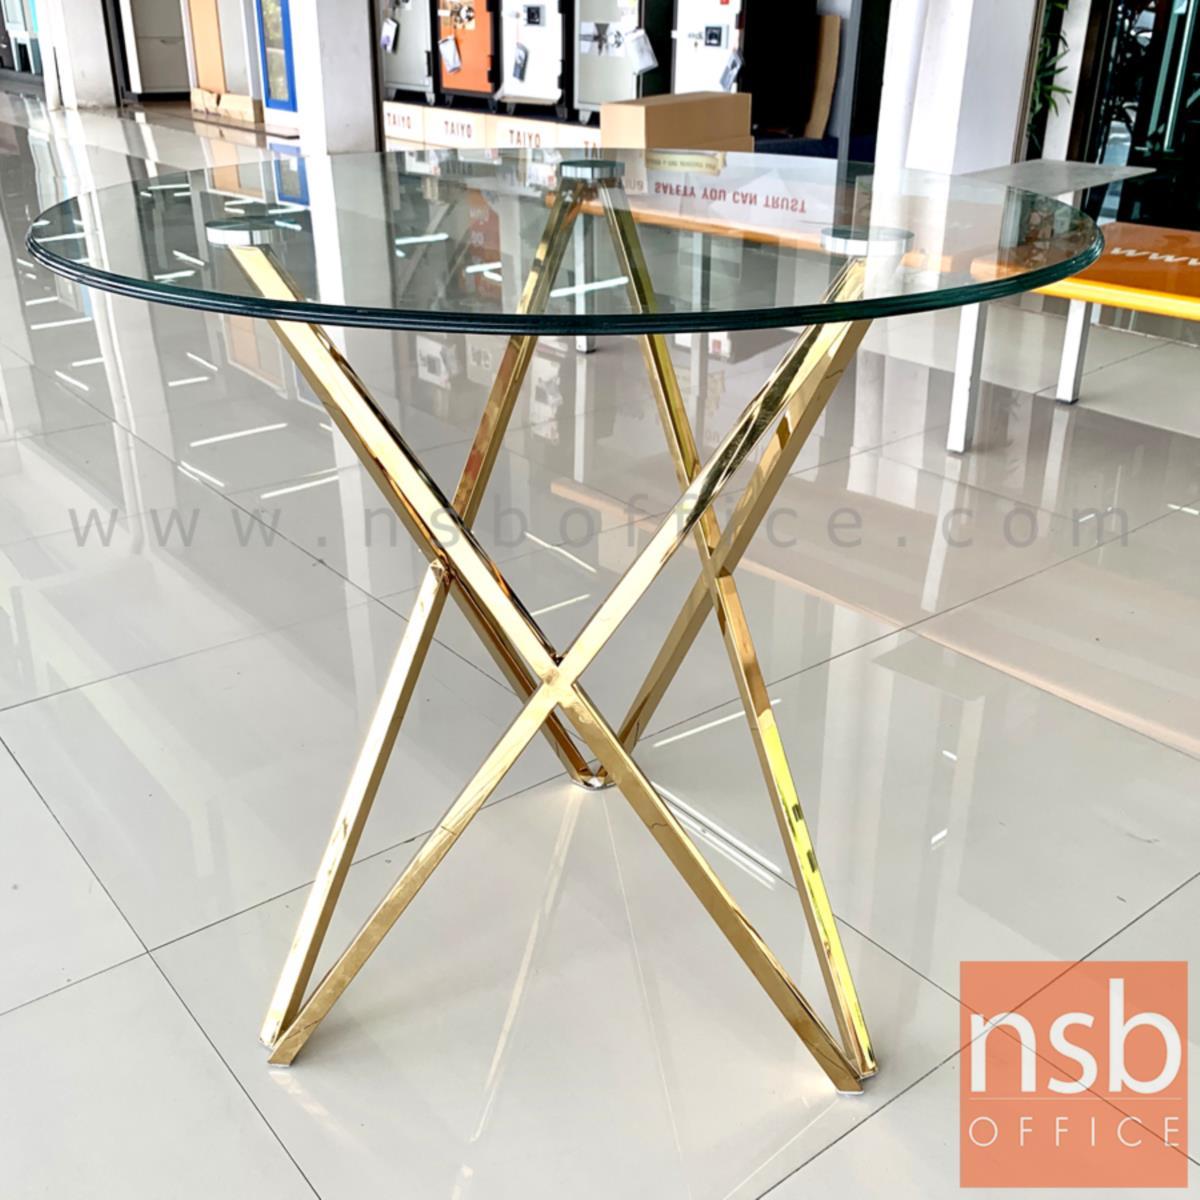 โต๊ะกลมหน้ากระจก รุ่น Gabriel (กาเบรียล) ขนาด 80Di cm.